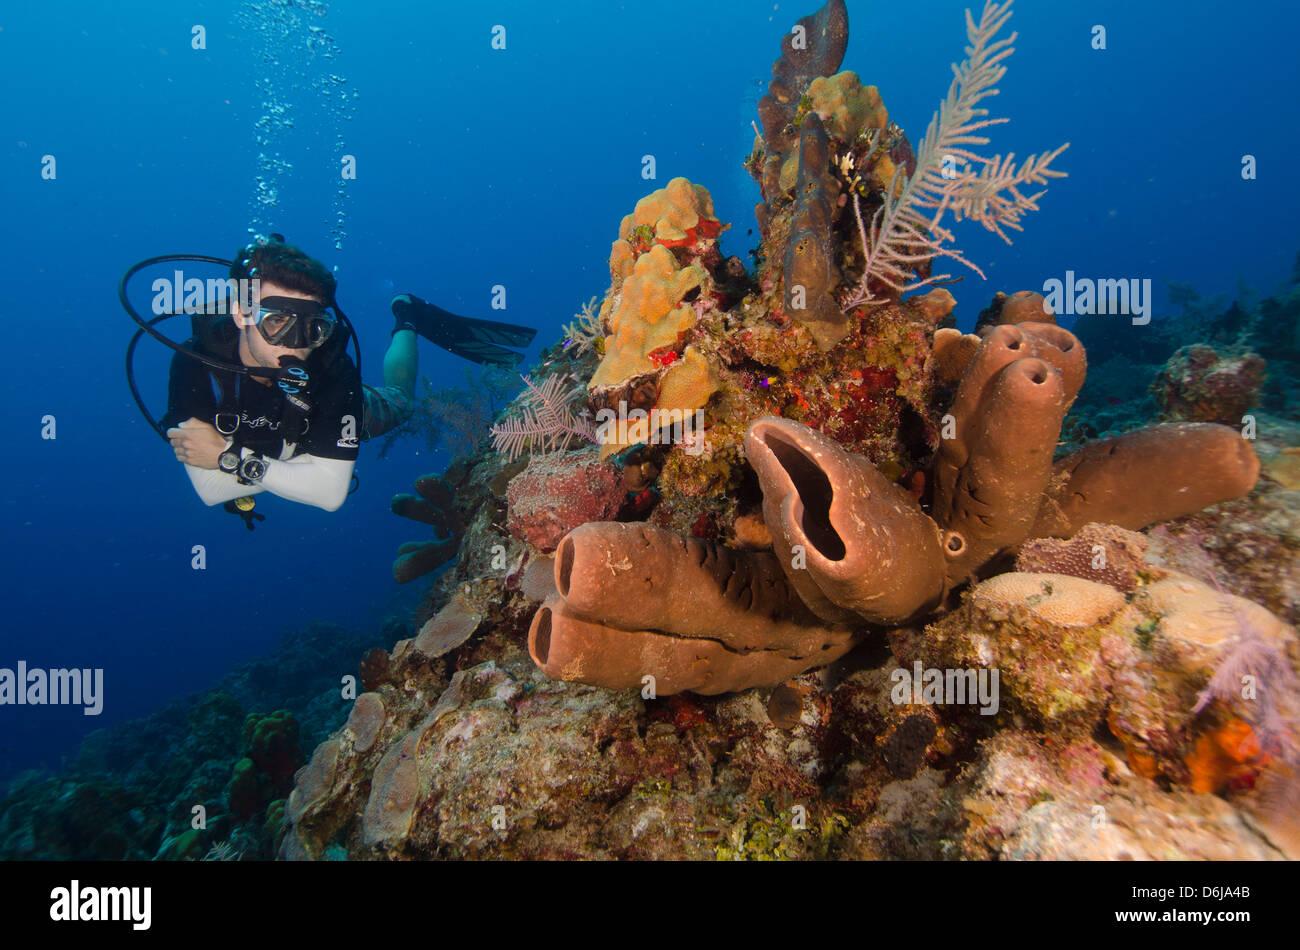 Sommozzatore gode di splendide scogliere delle isole Turks e Caicos, West Indies, dei Caraibi e America centrale Immagini Stock